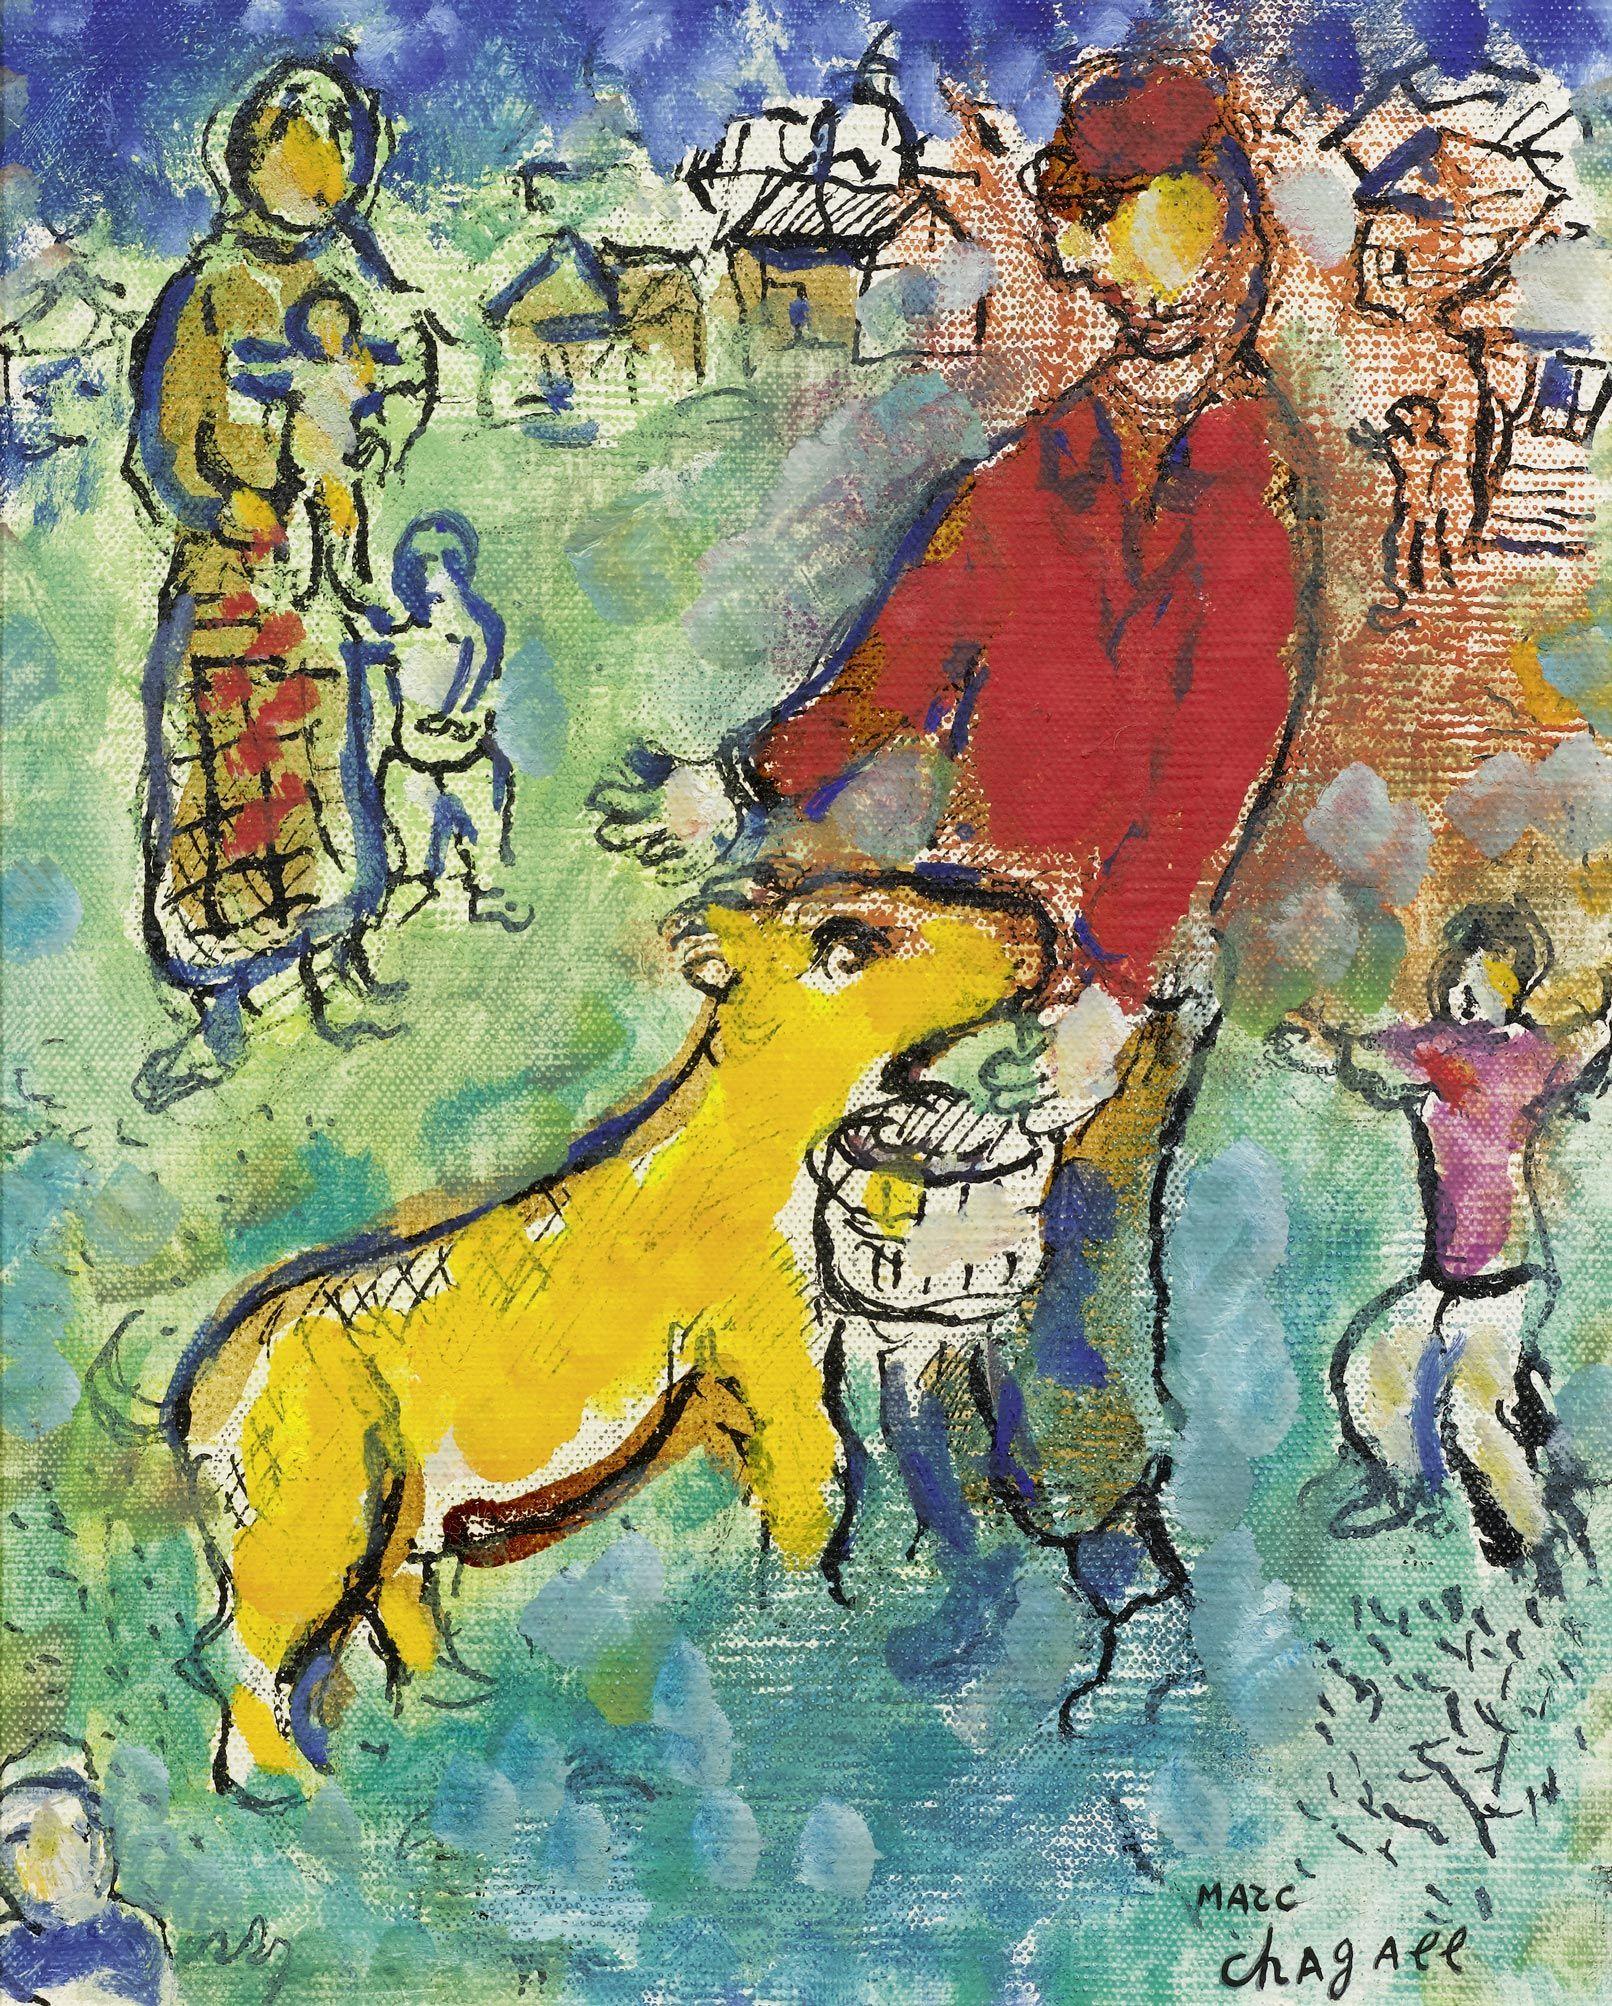 """Marc Chagall  (Witebsk 1887 - 1985 Saint-Paul-de-Vence), """"Le paysan en rouge"""", 1975-78"""